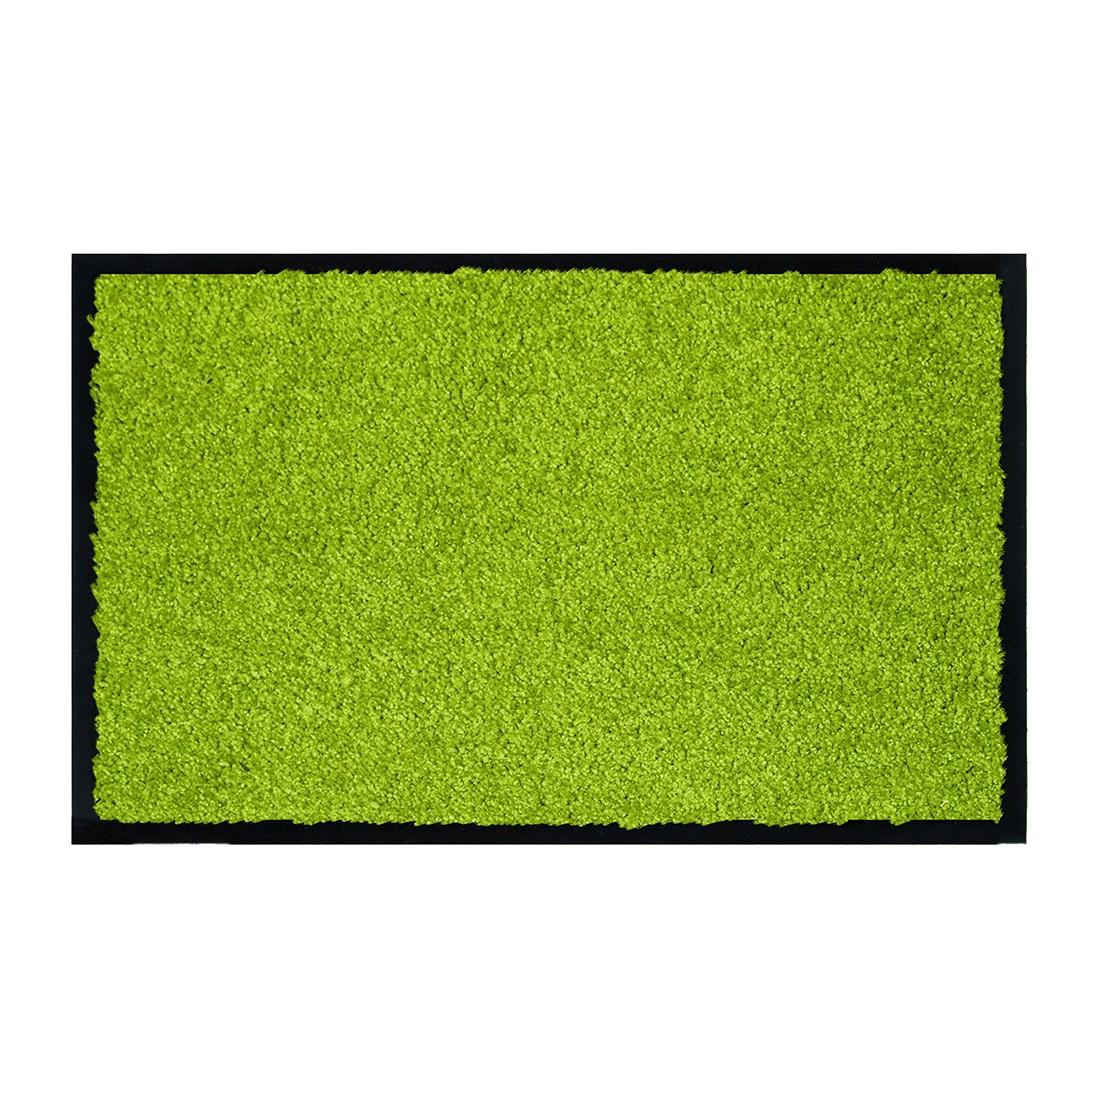 Fußmatte Proper Tex – Grün – 60 x 180 cm, Astra online kaufen